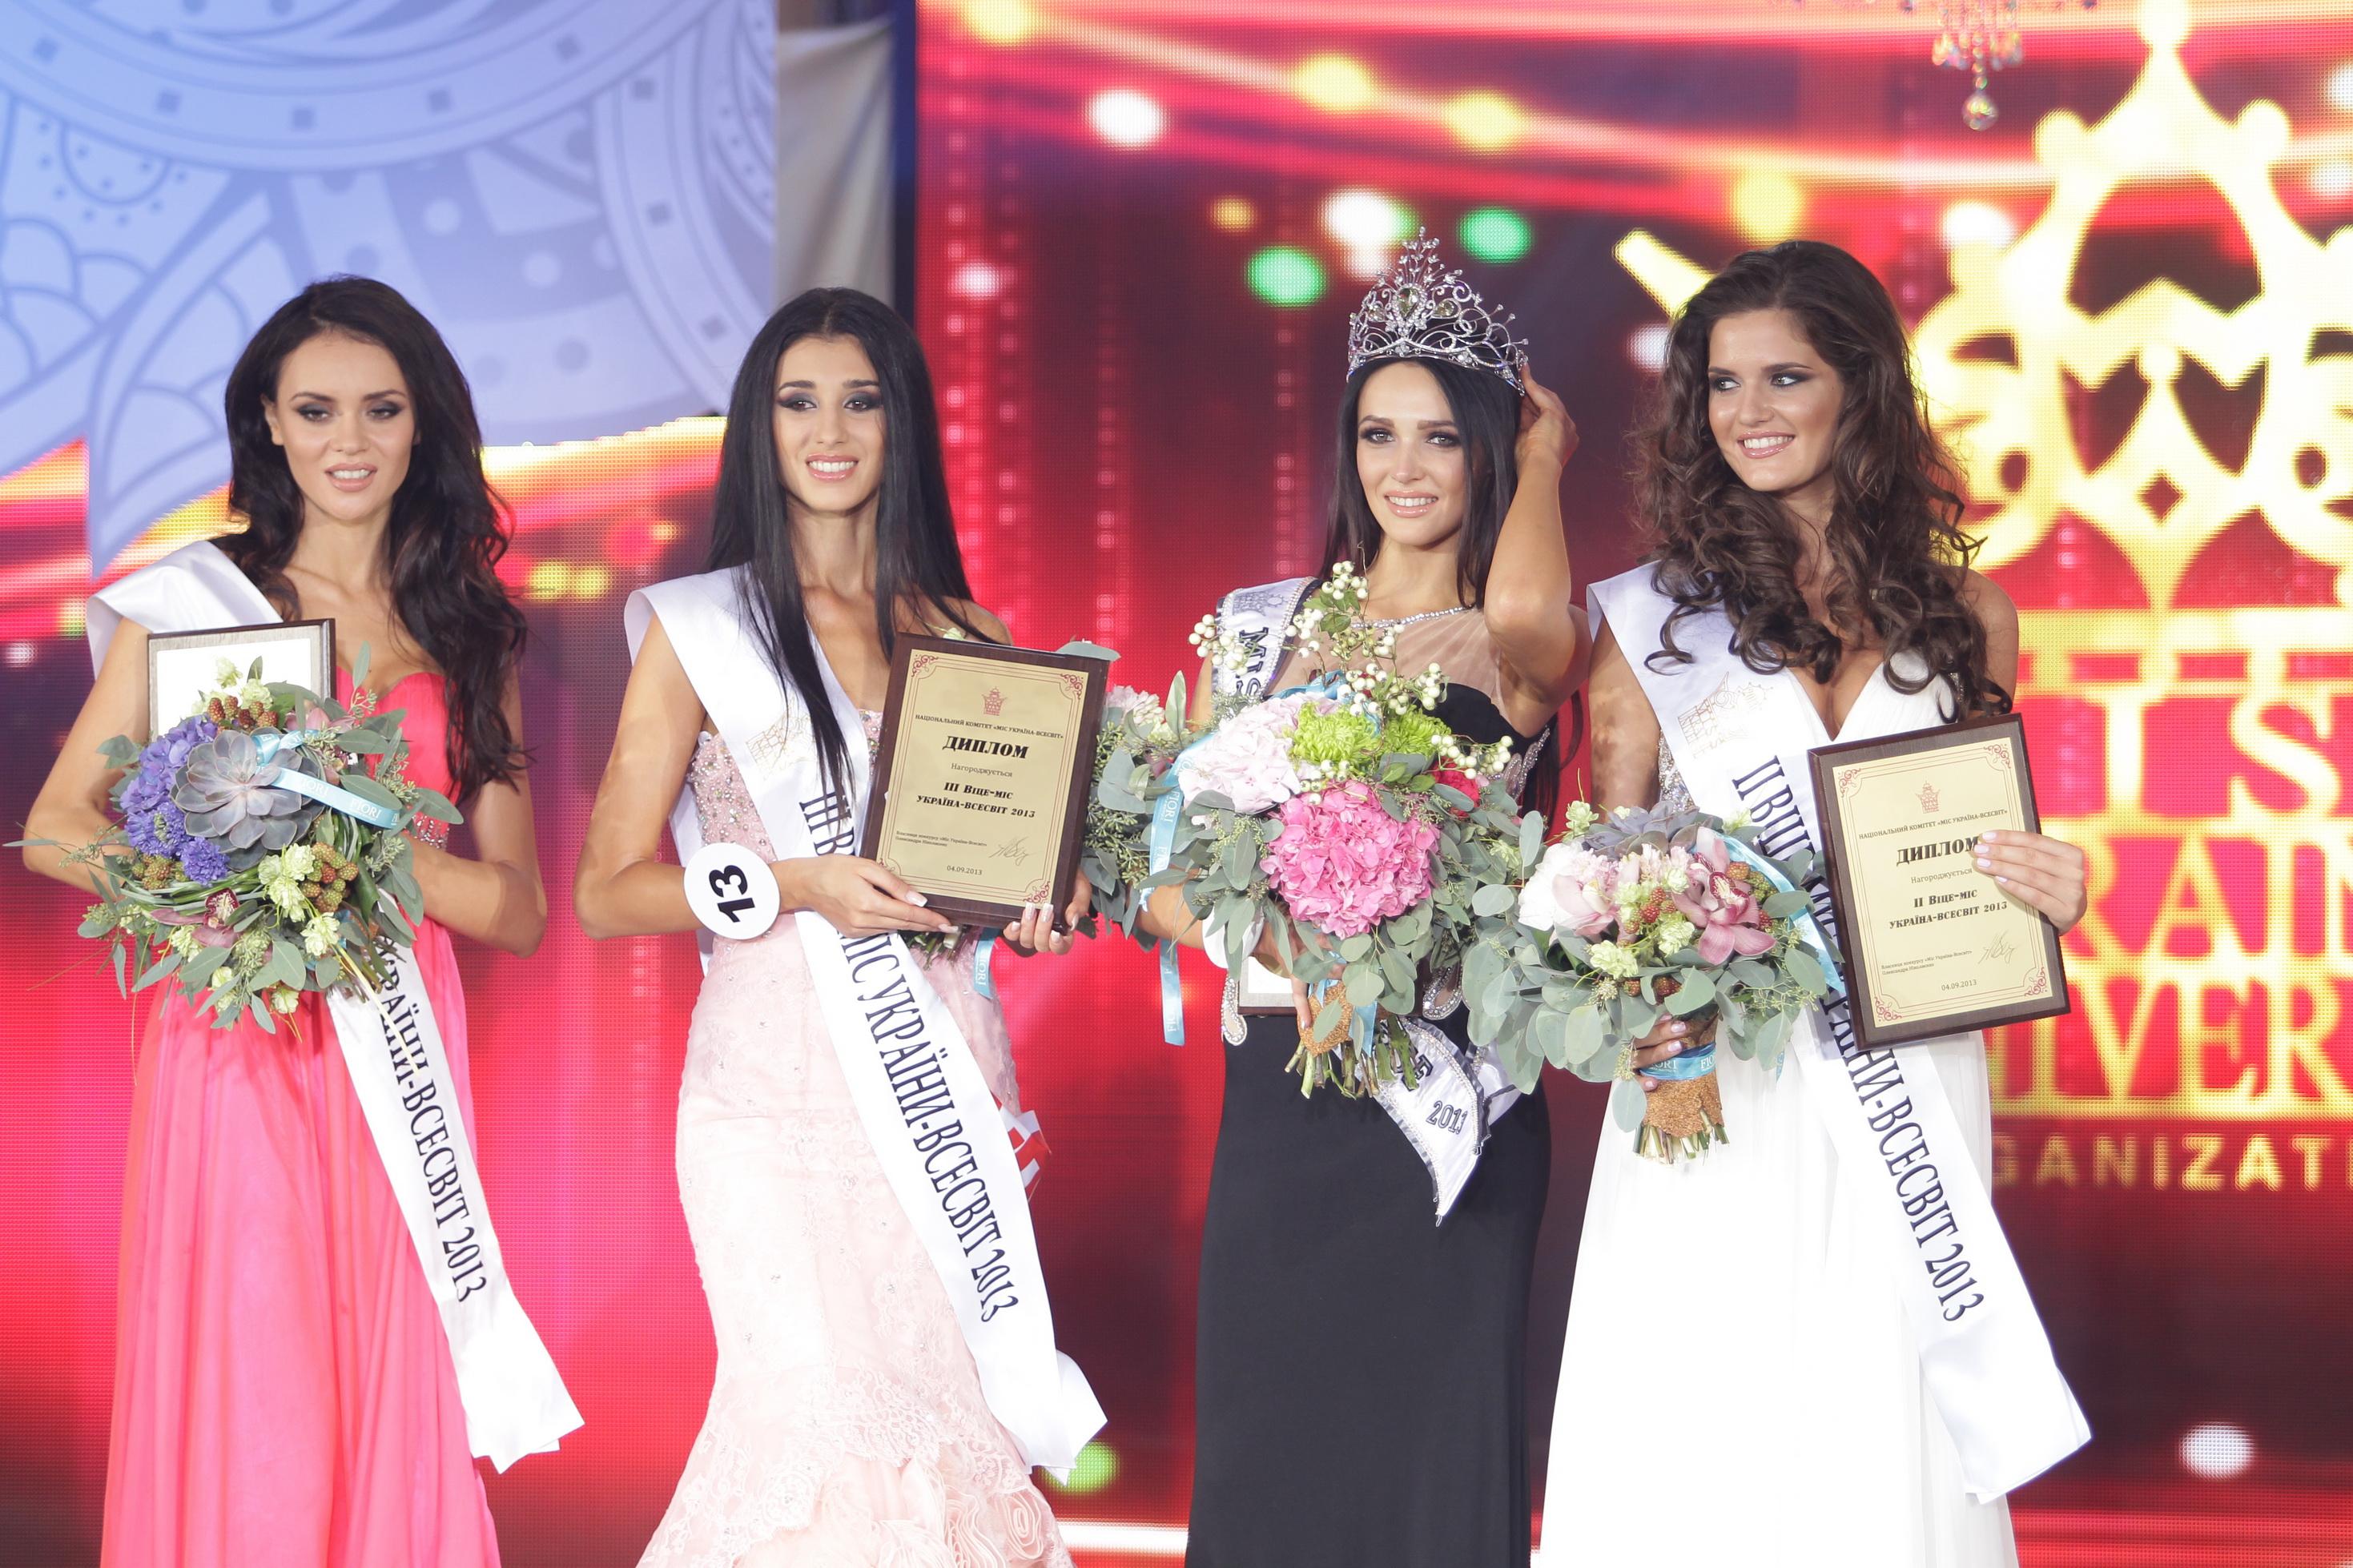 Победительница и финалистки конкурса Мисс Украина Вселенная 2013